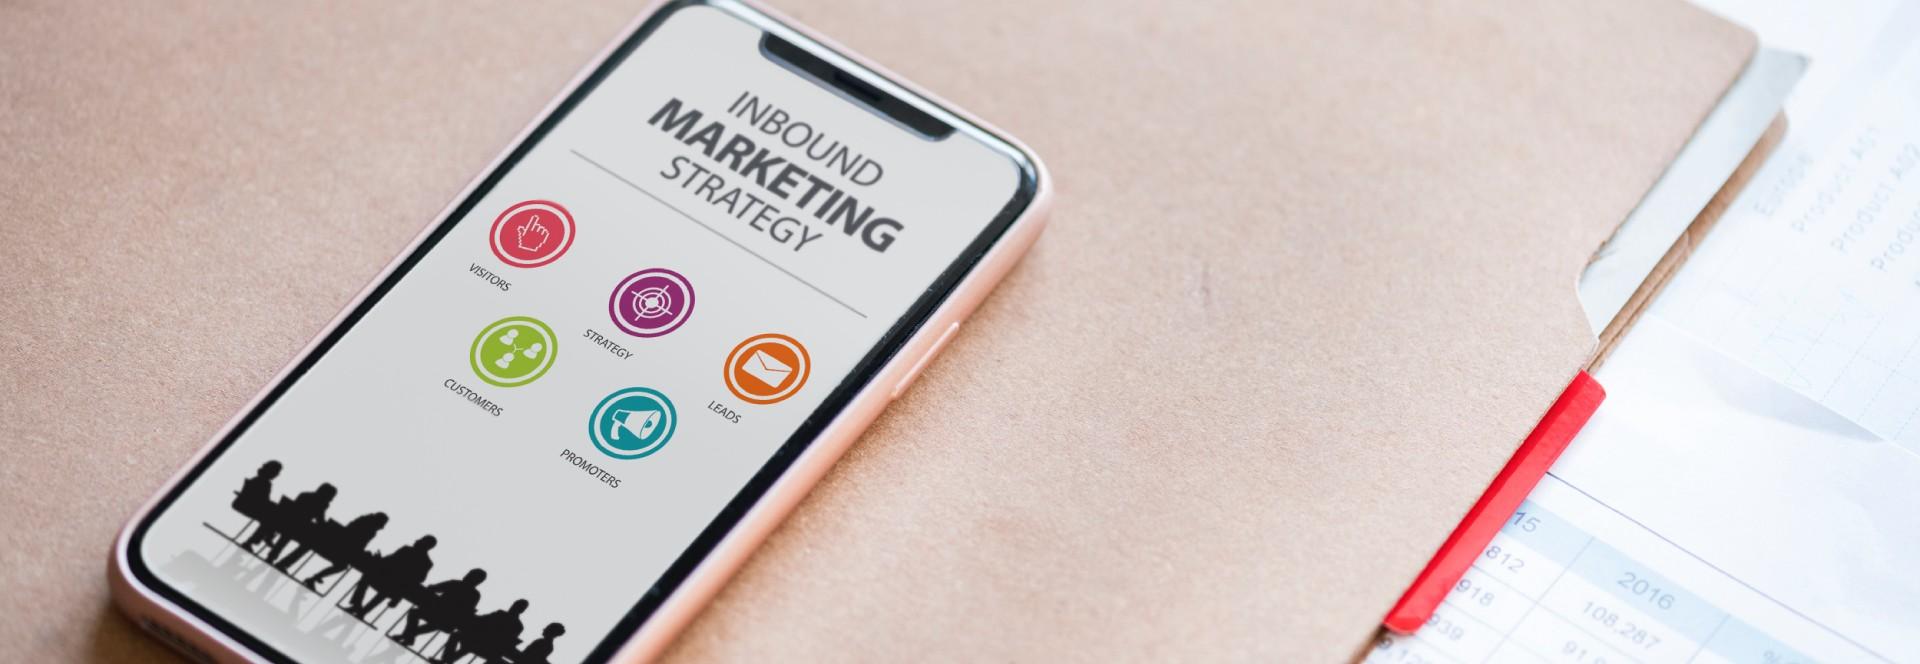 checklist-inbound-marketing.jpg